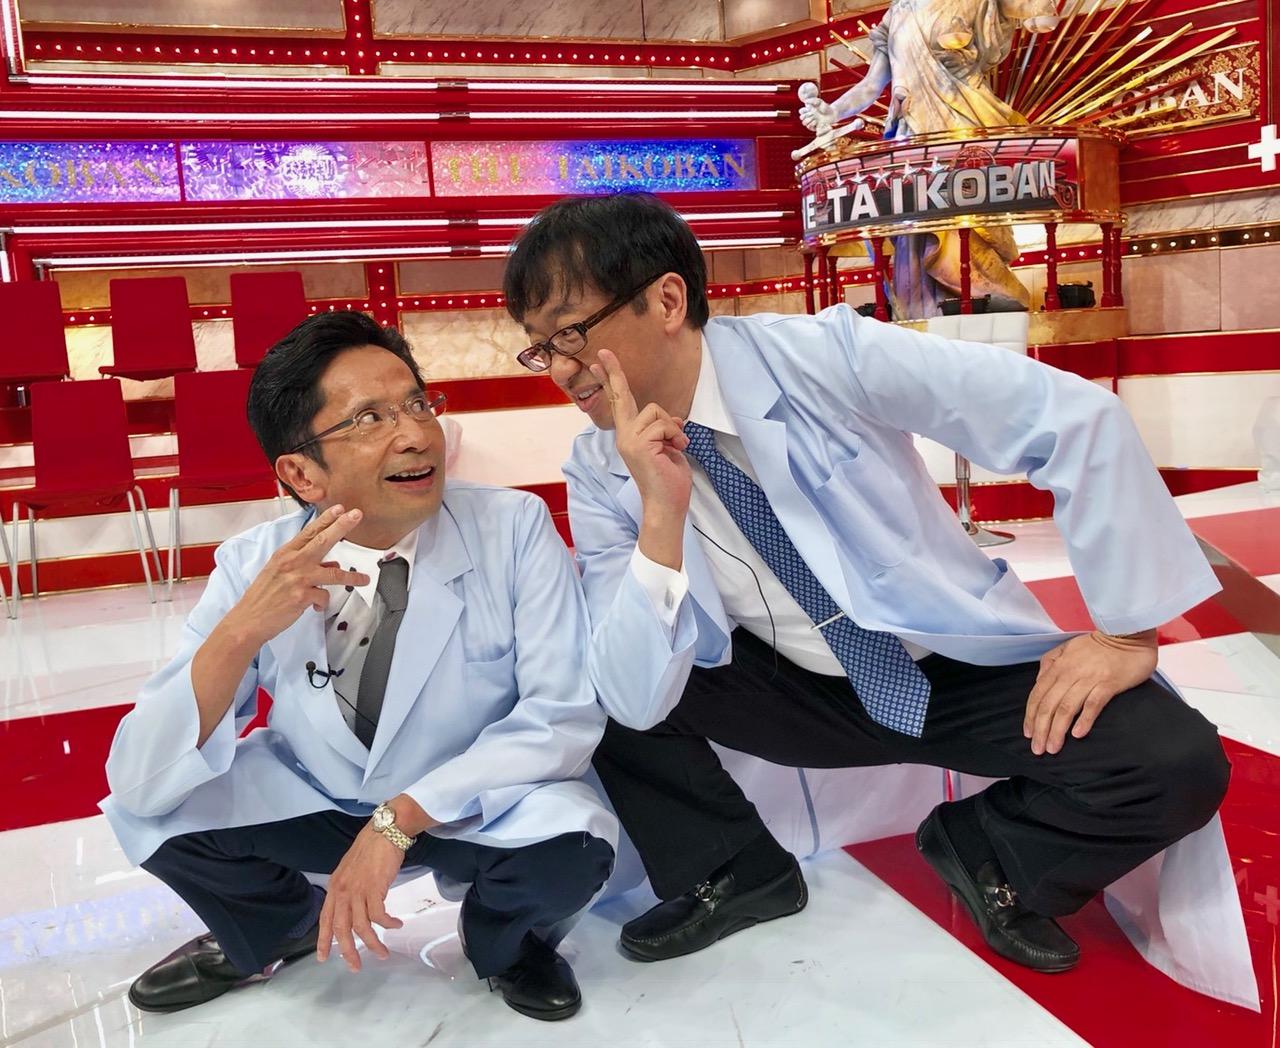 森田豊先生のご厚意に感謝します